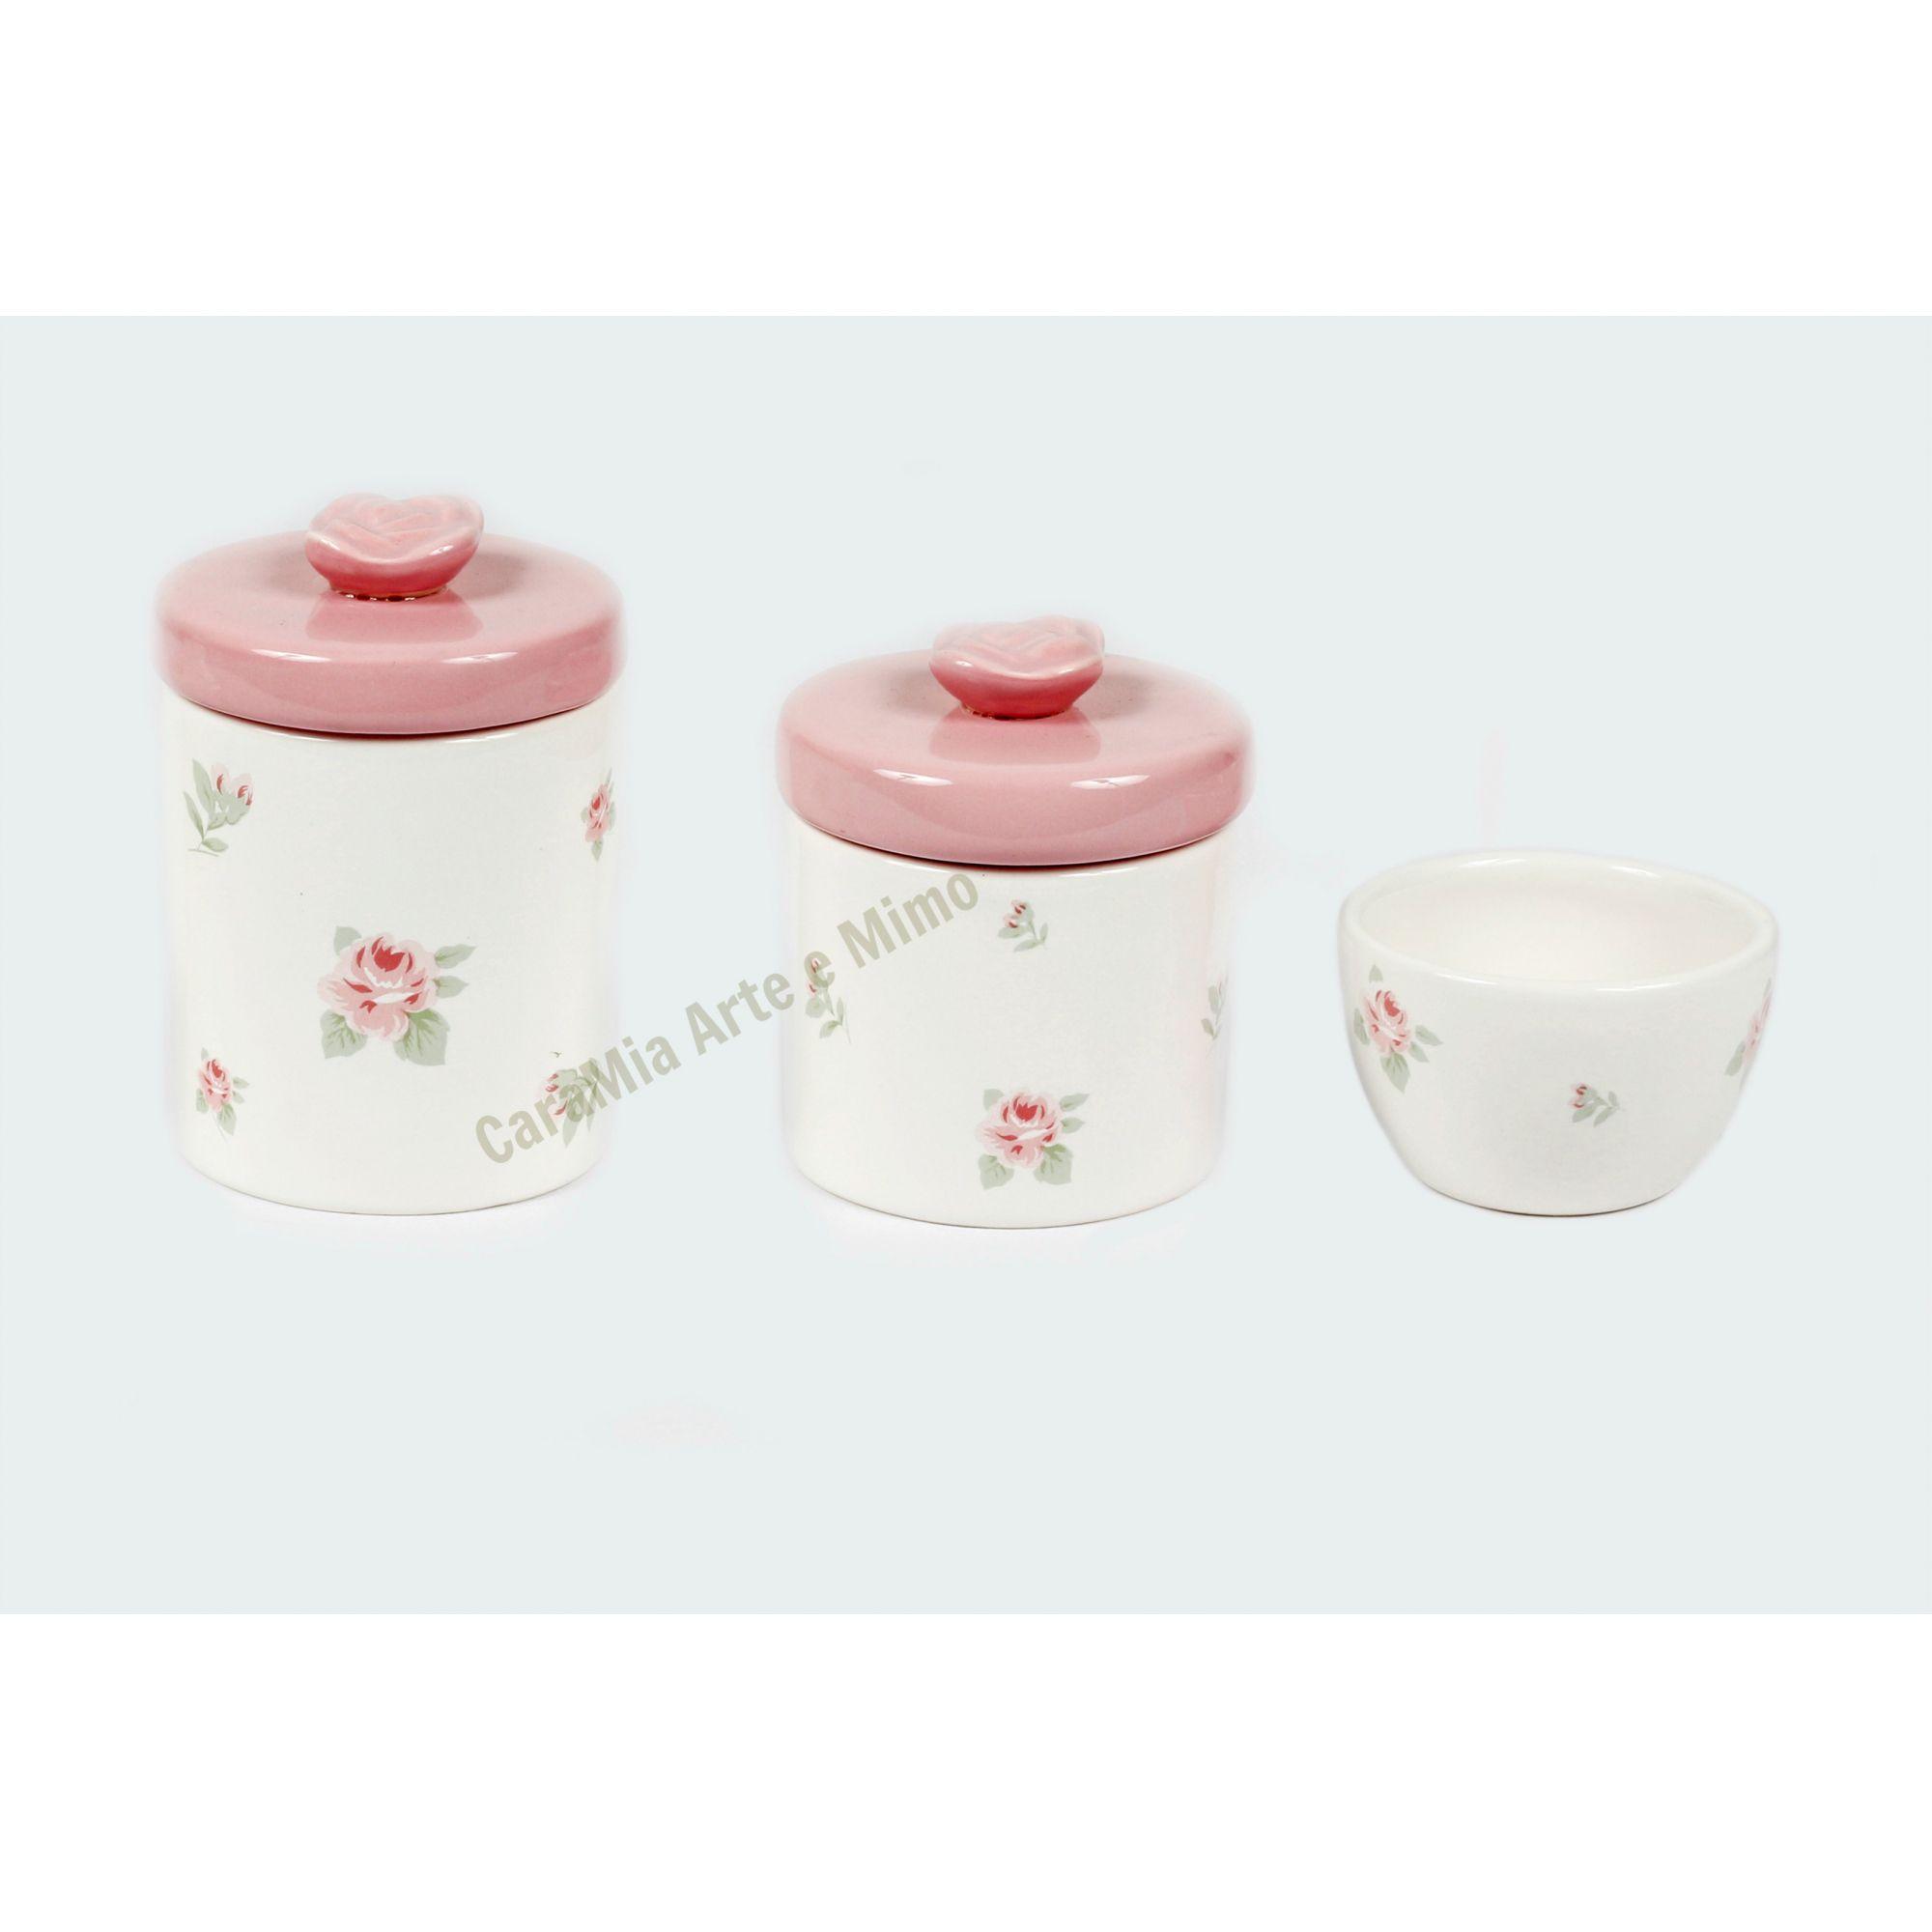 Kit Higiene Bebê Cerâmica Floral Rosa com Aplique de Rosas | 3 peças